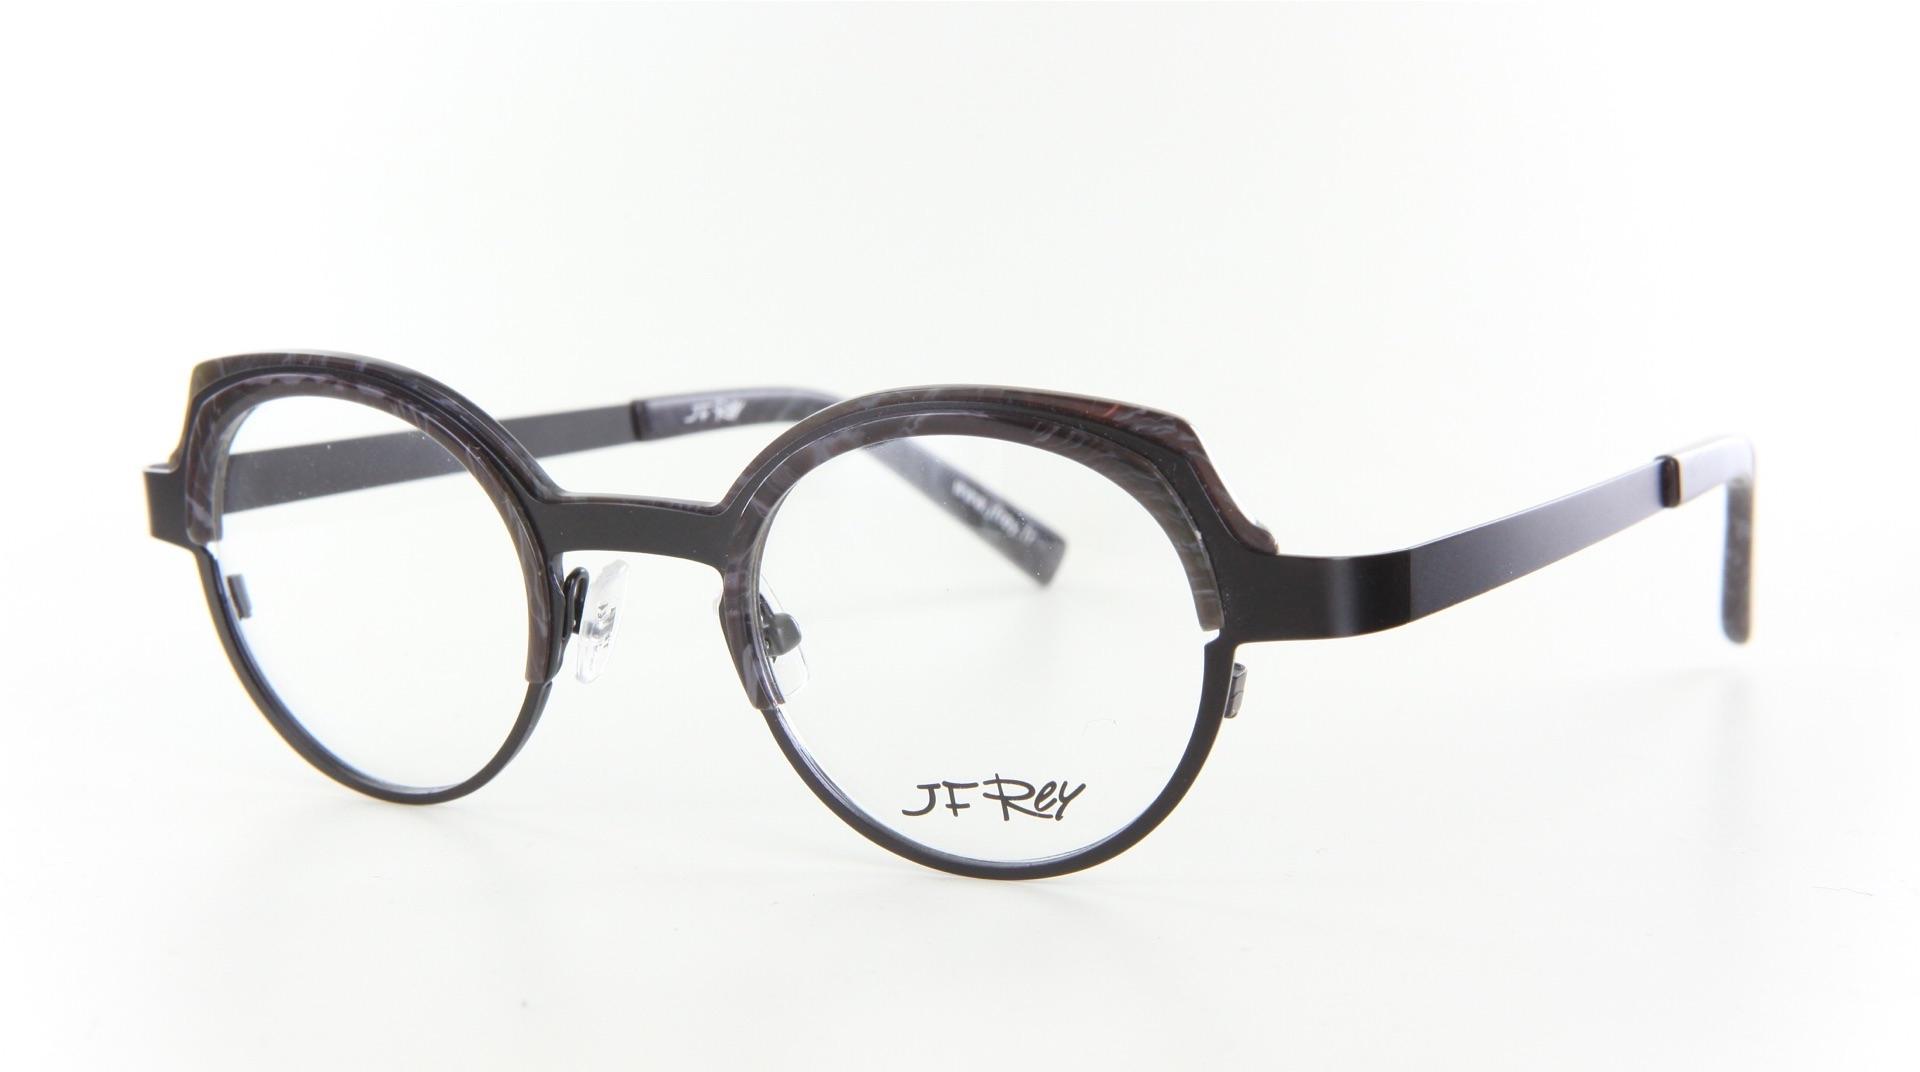 J.F. Rey - ref: 75686